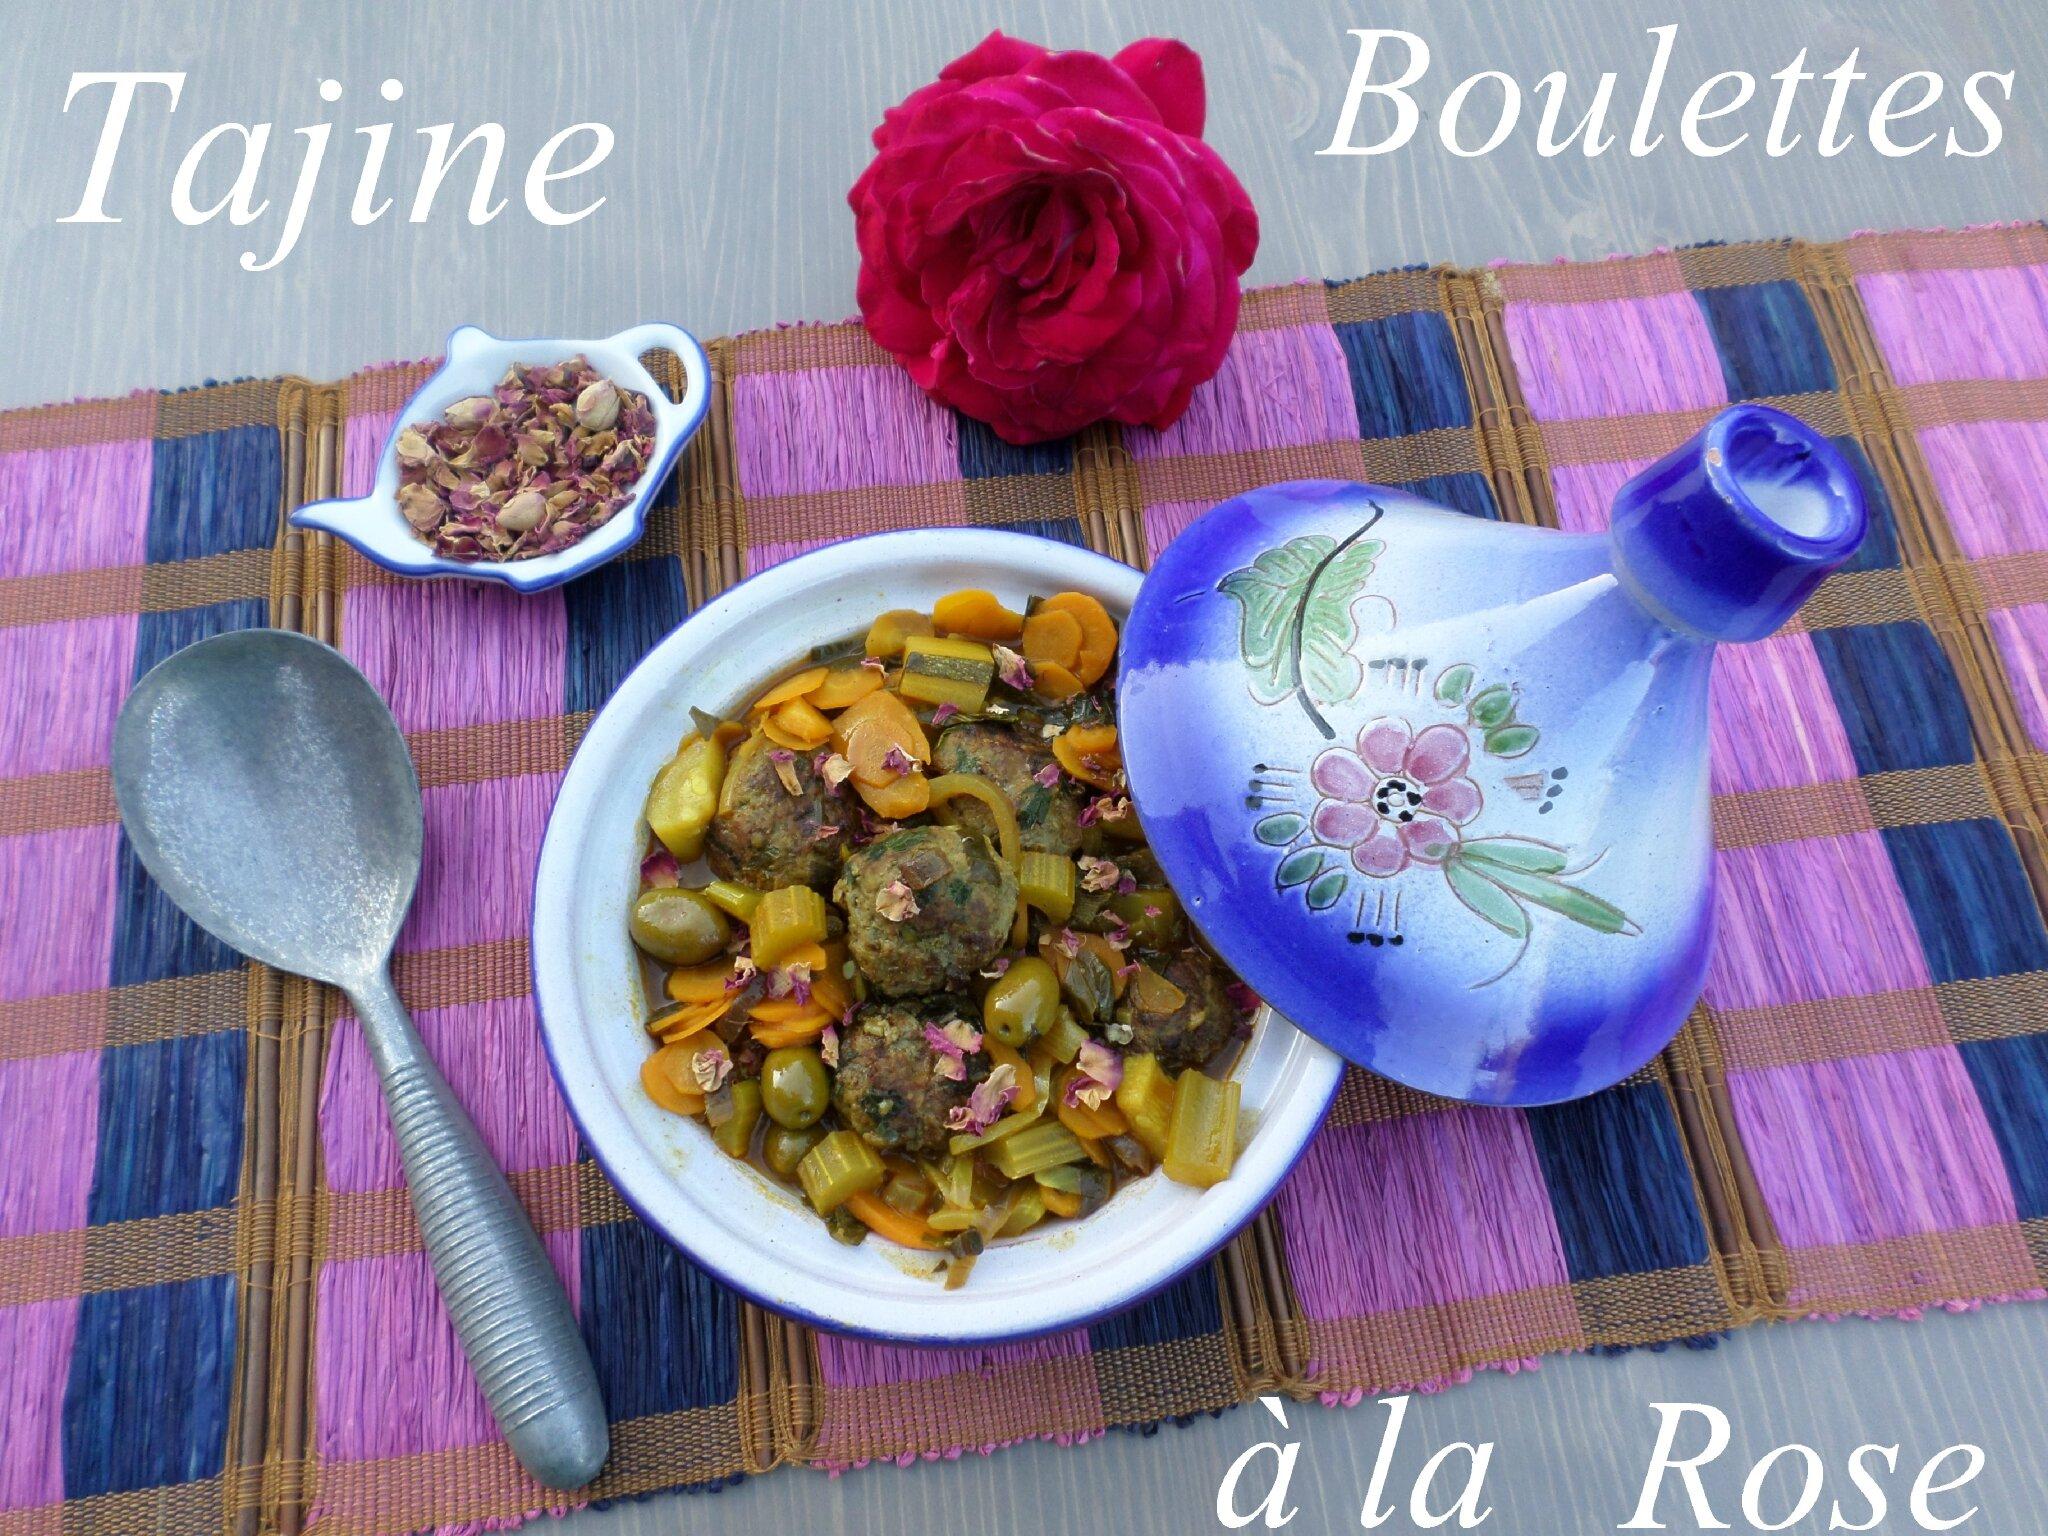 Tajine-boulettes-rose